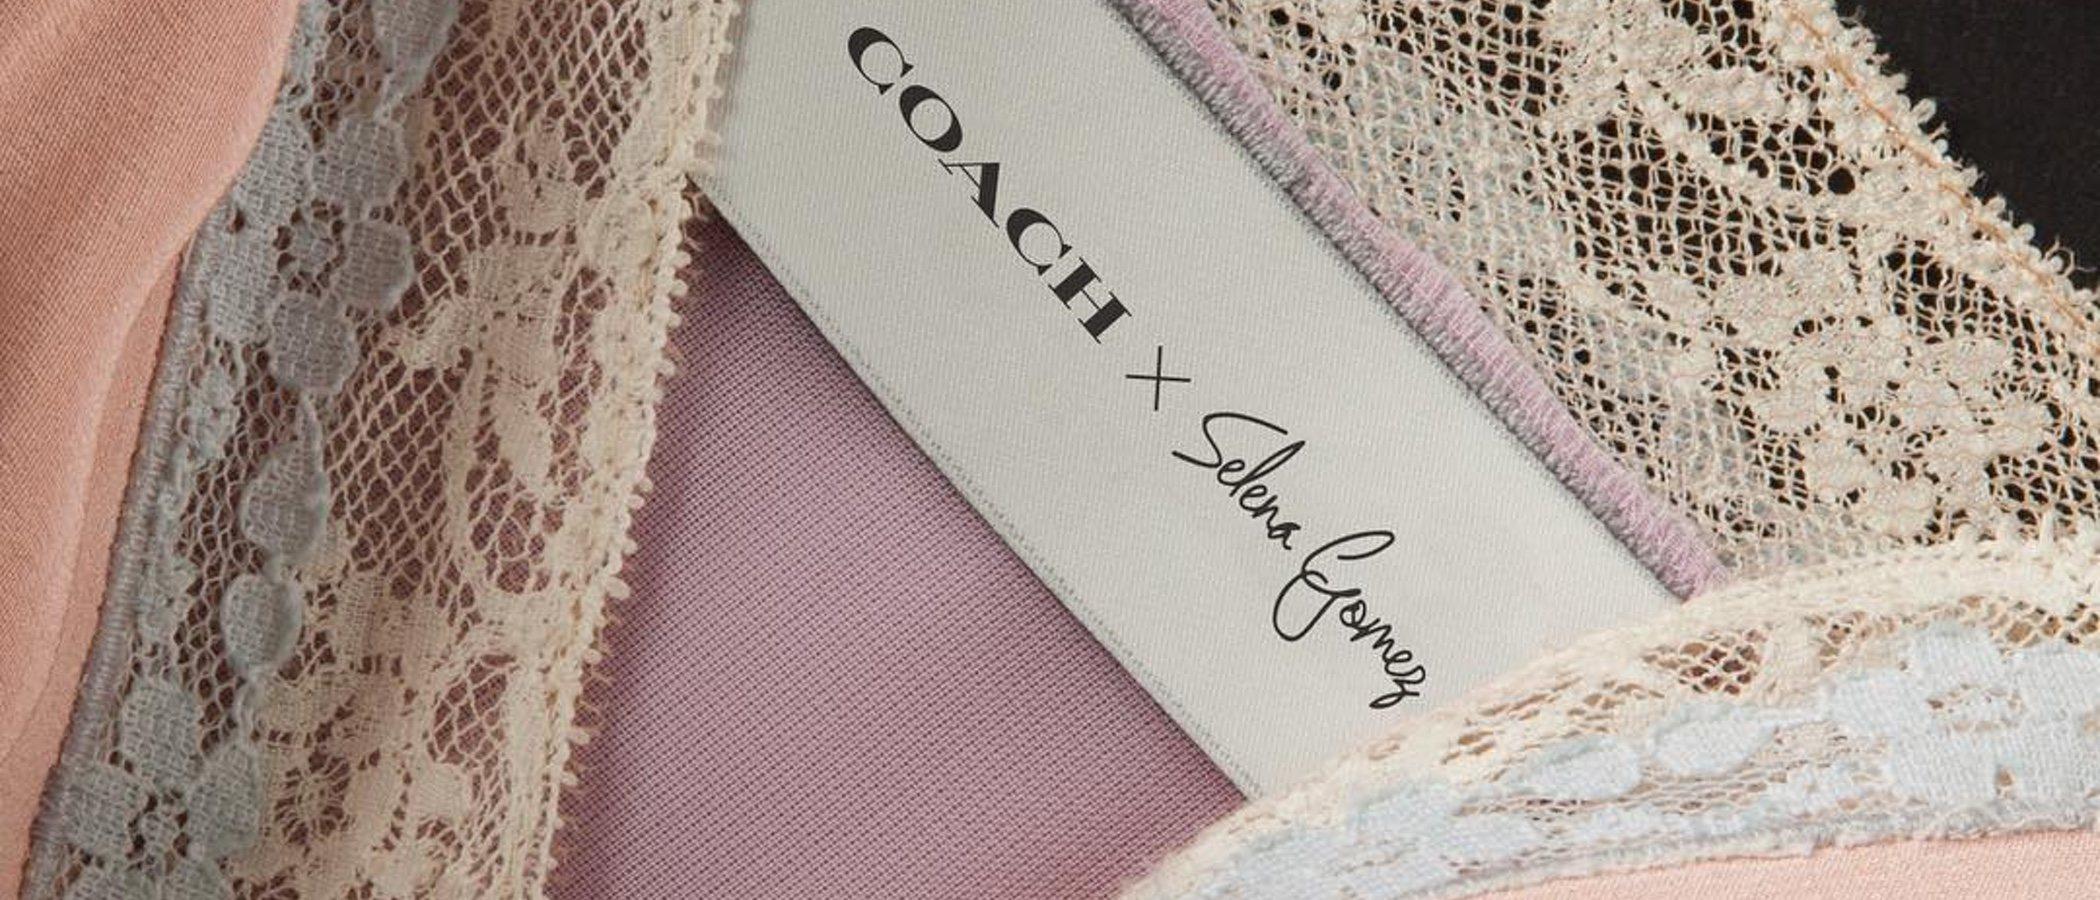 CoachxSelena: Selena Gomez lanzará una línea de ropa con Coach para este otoño